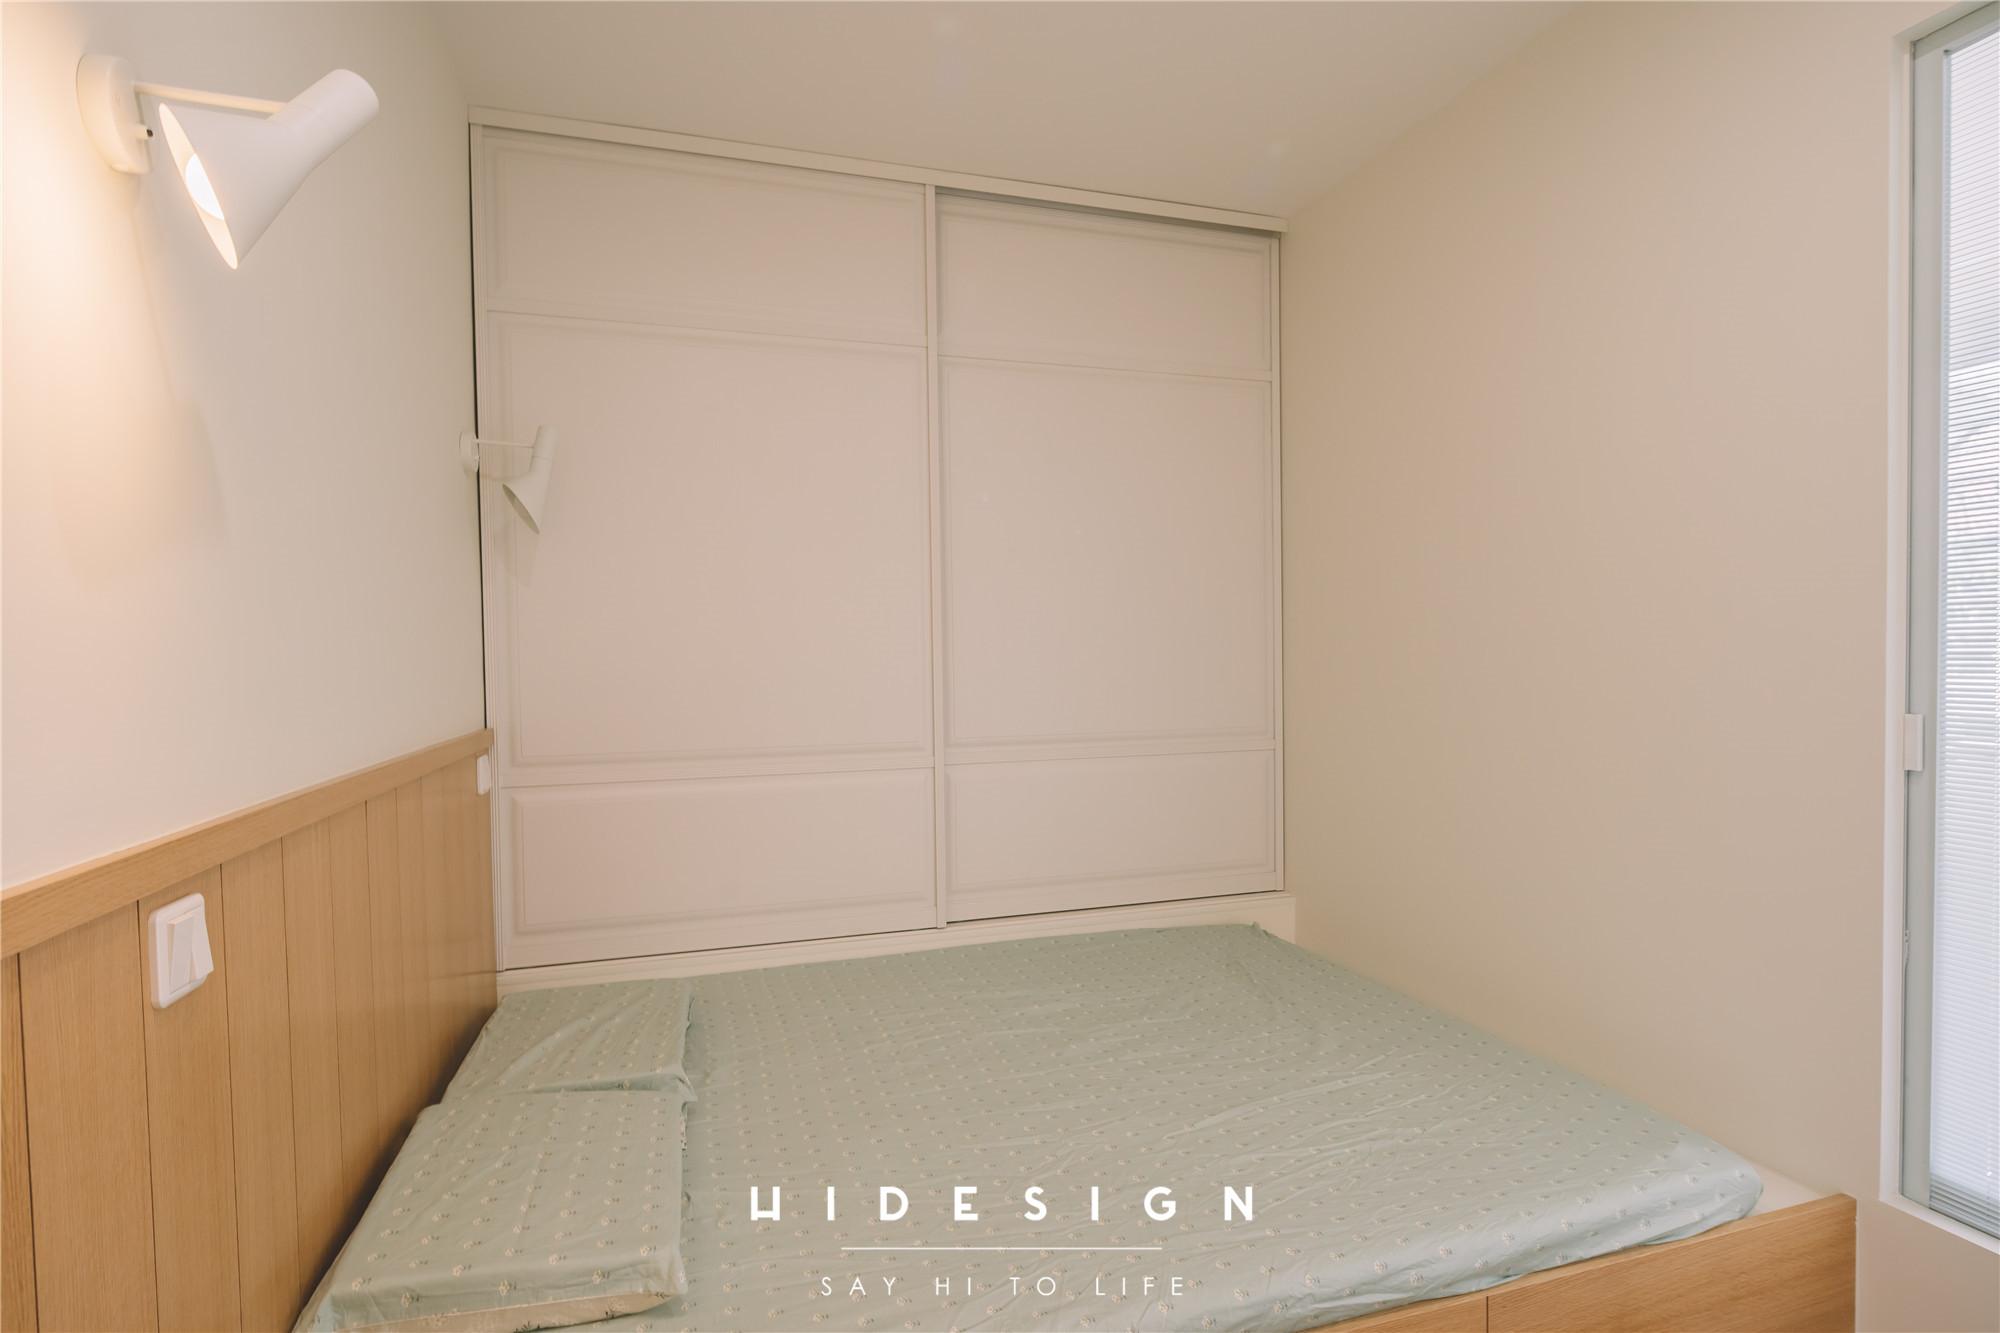 50平米小户型榻榻米卧室装修效果图